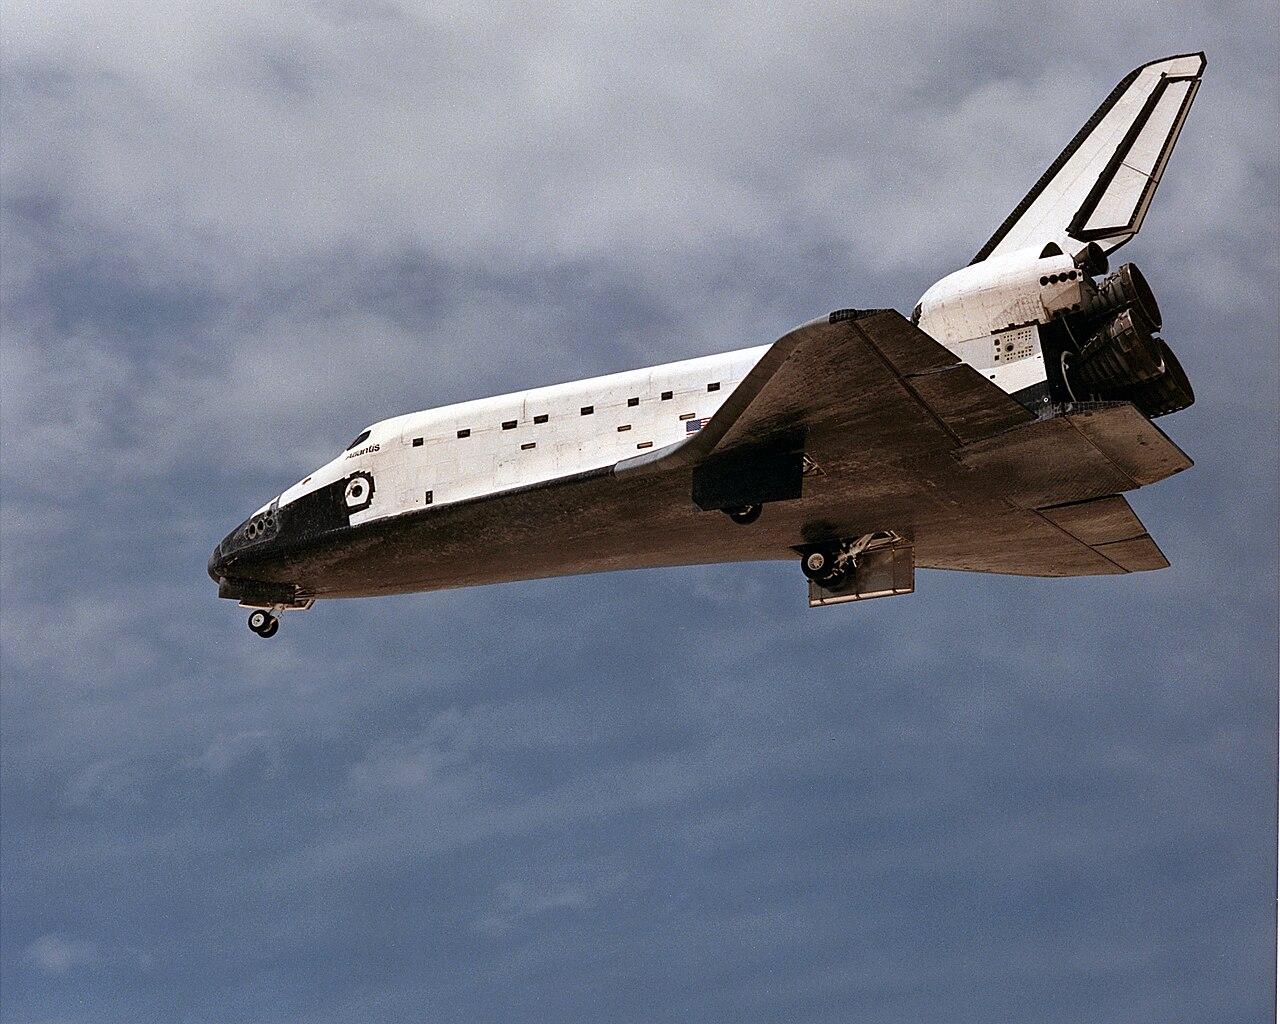 File:Atlantis is landing after STS-30 mission.jpg ...